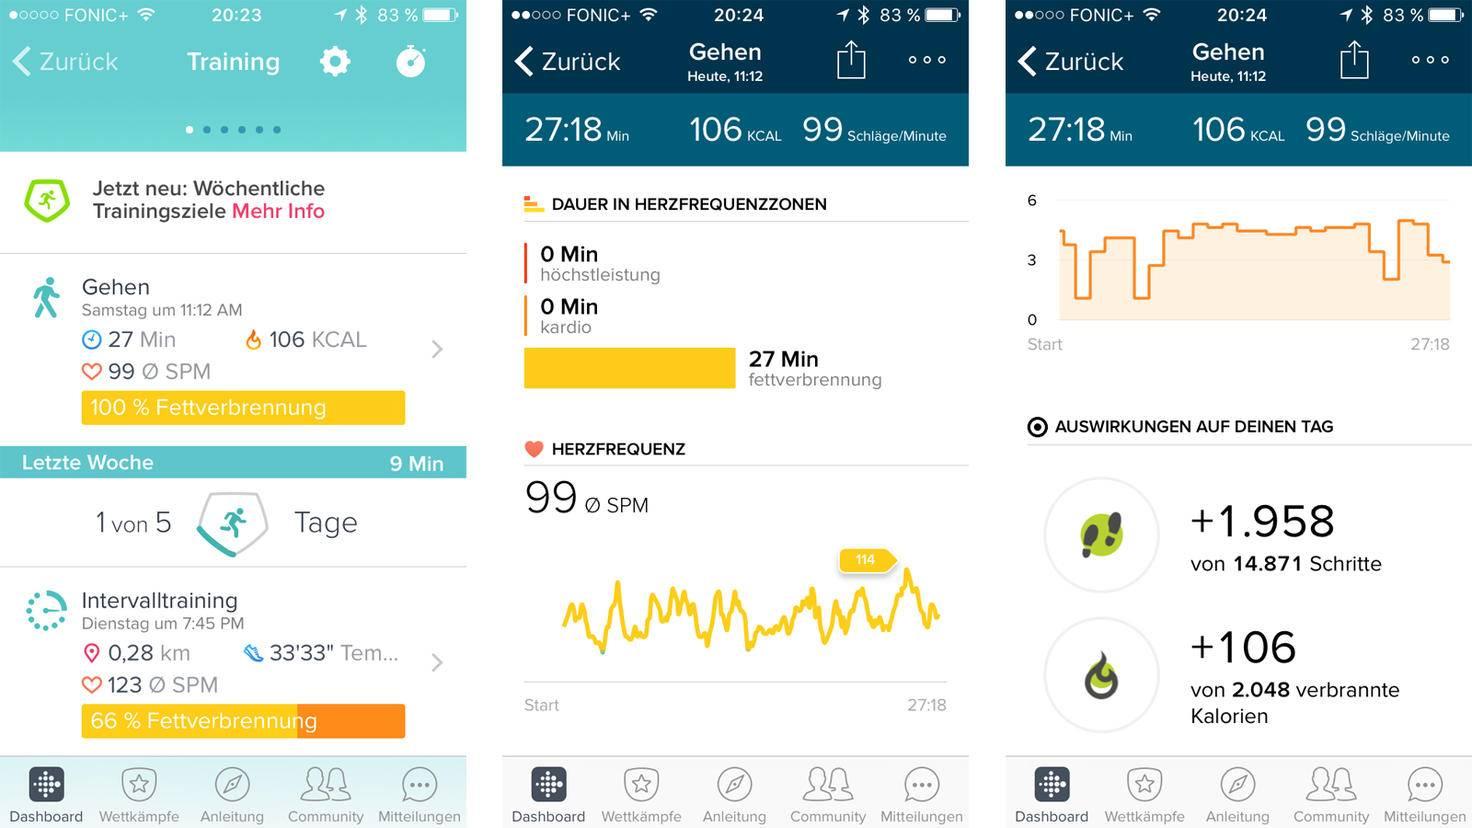 Fitbit Inspire HR-Trainigsaufzeichnung-TURN ON